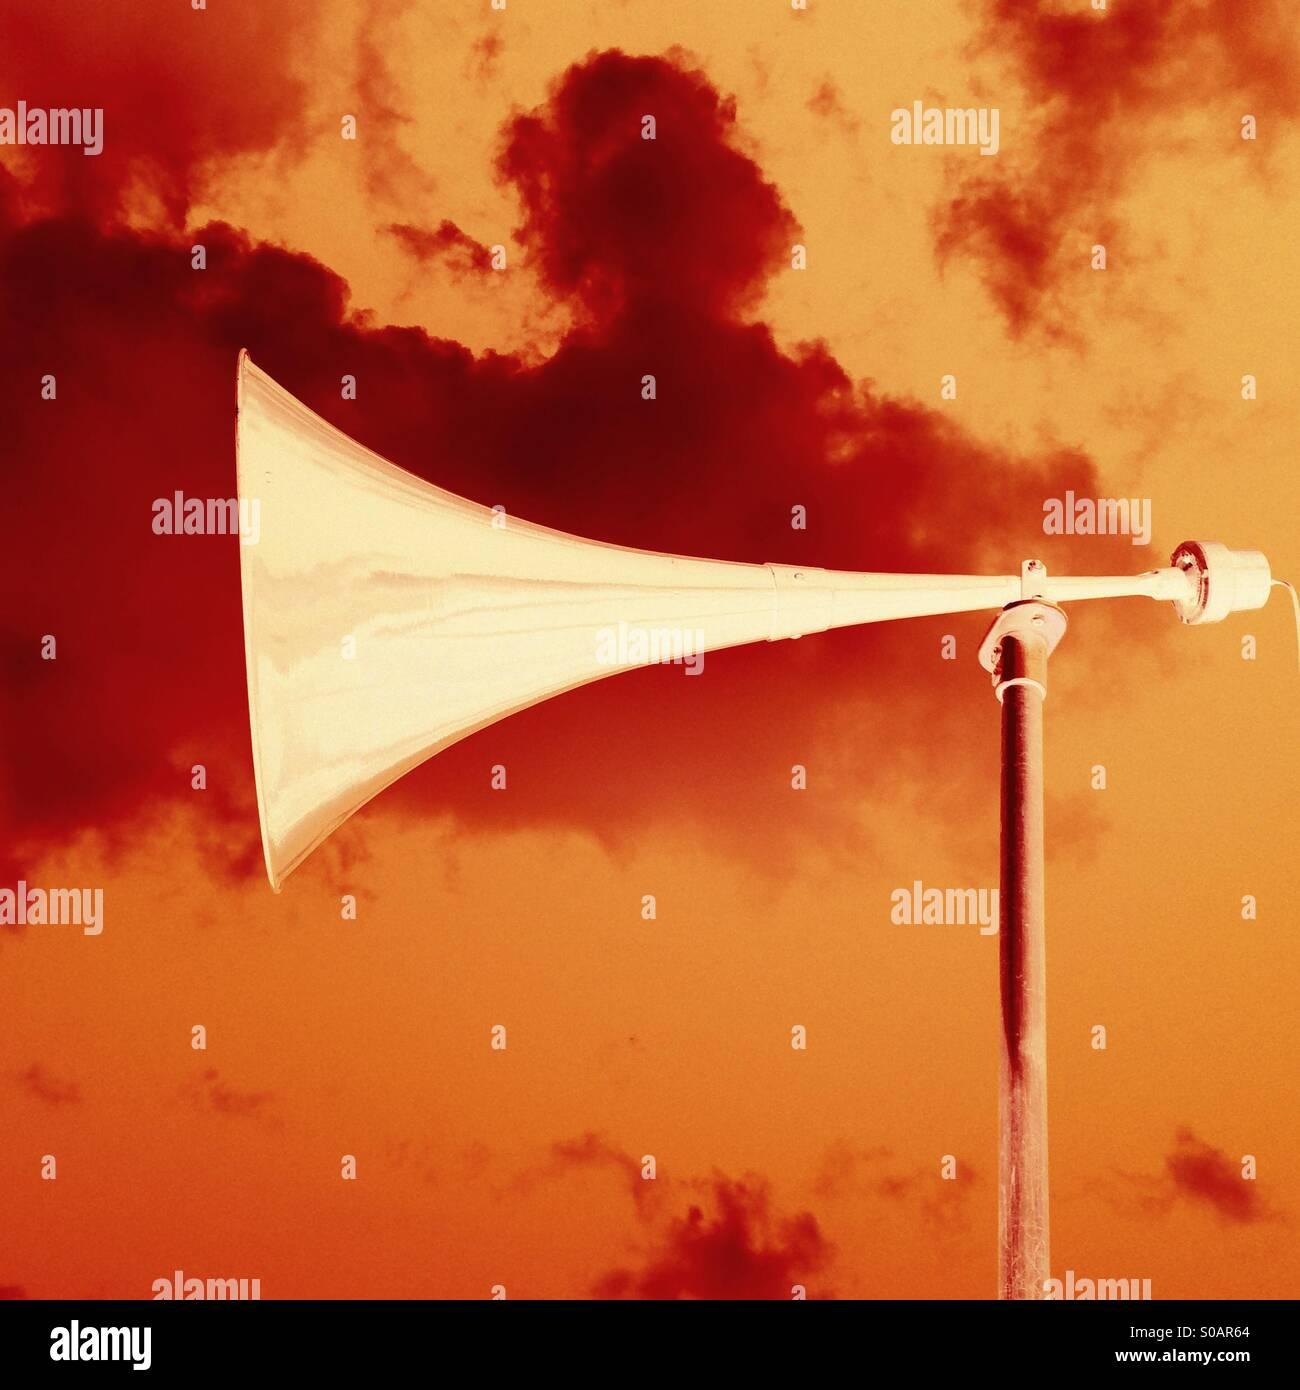 Loudhailer loudhailer outside against colourful sky digitally altered - Stock Image